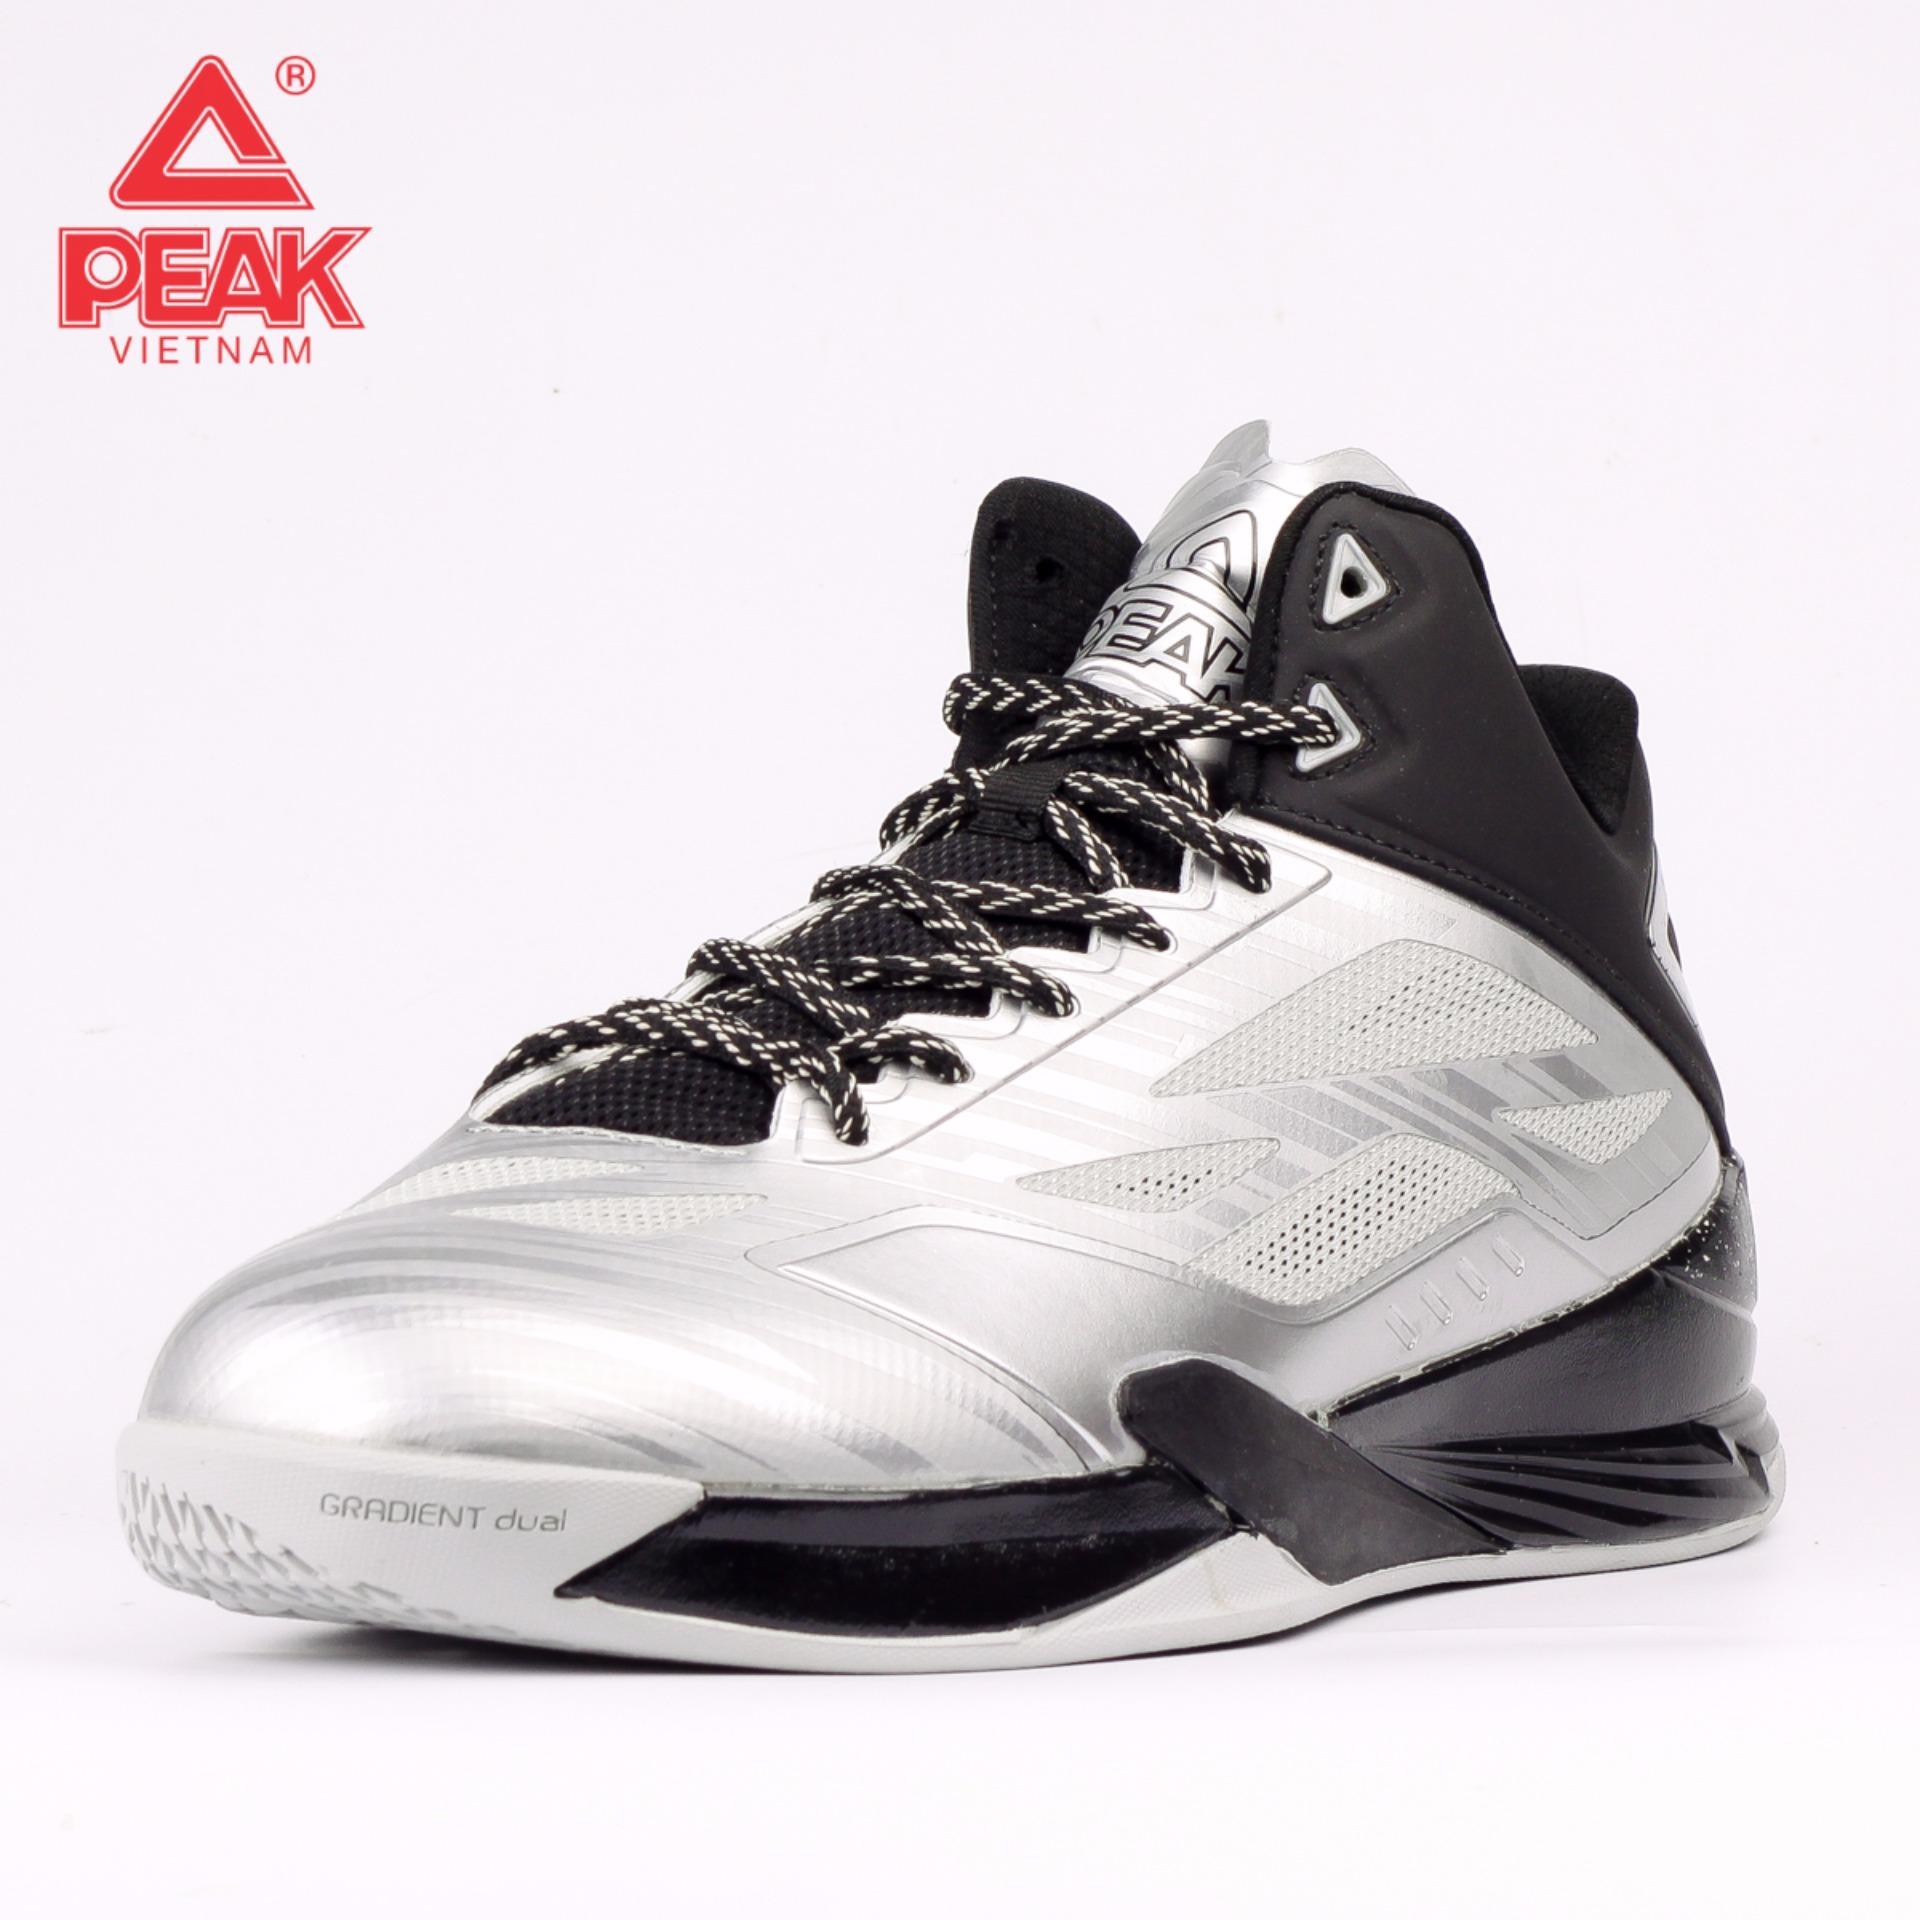 Giày thể thao bóng rổ nam Peak Lightning IV E61053A – Bạc Đen